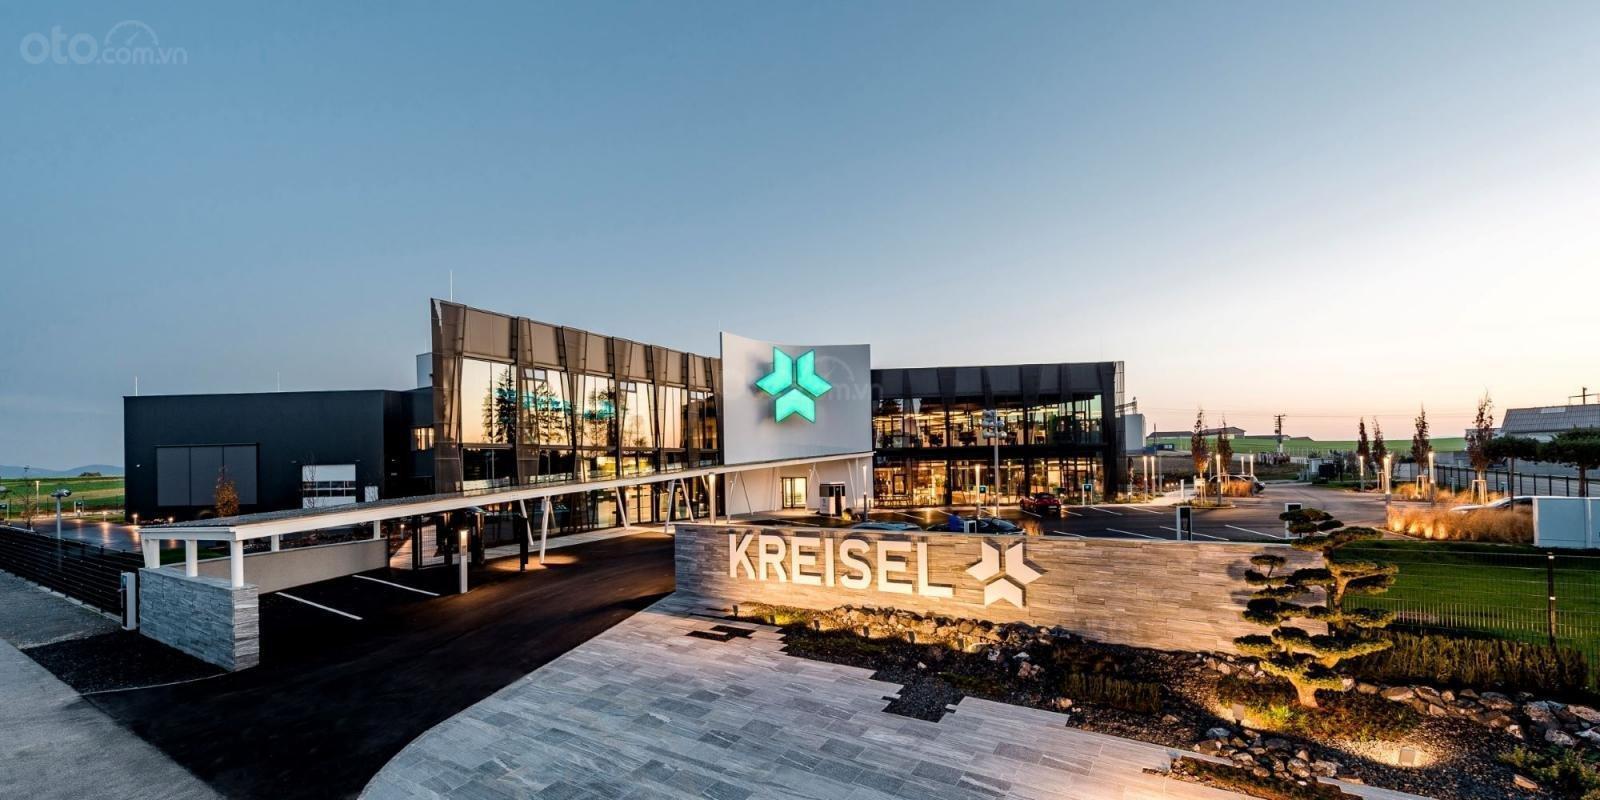 """Thỏa thuận với Kreisel Electric tiếp tục khẳng định chiến lược """"hợp tác với những người khổng lồ"""" của VinFast."""